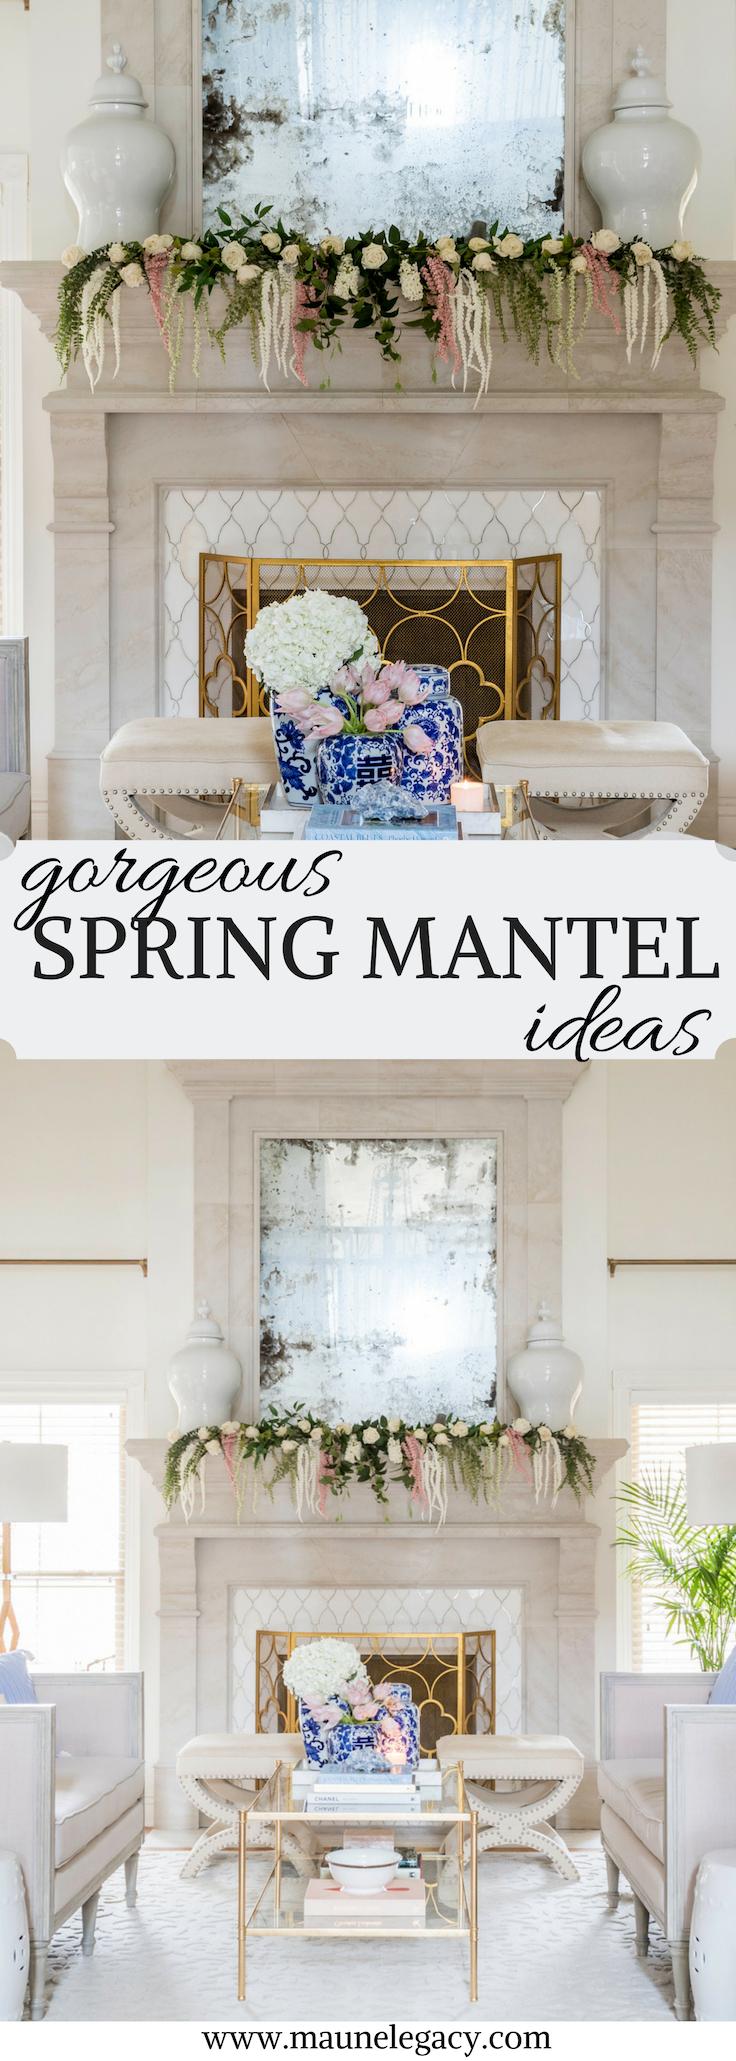 Gorgeous Spring Mantel Ideas Home Design Lifestyle Maune Legacy